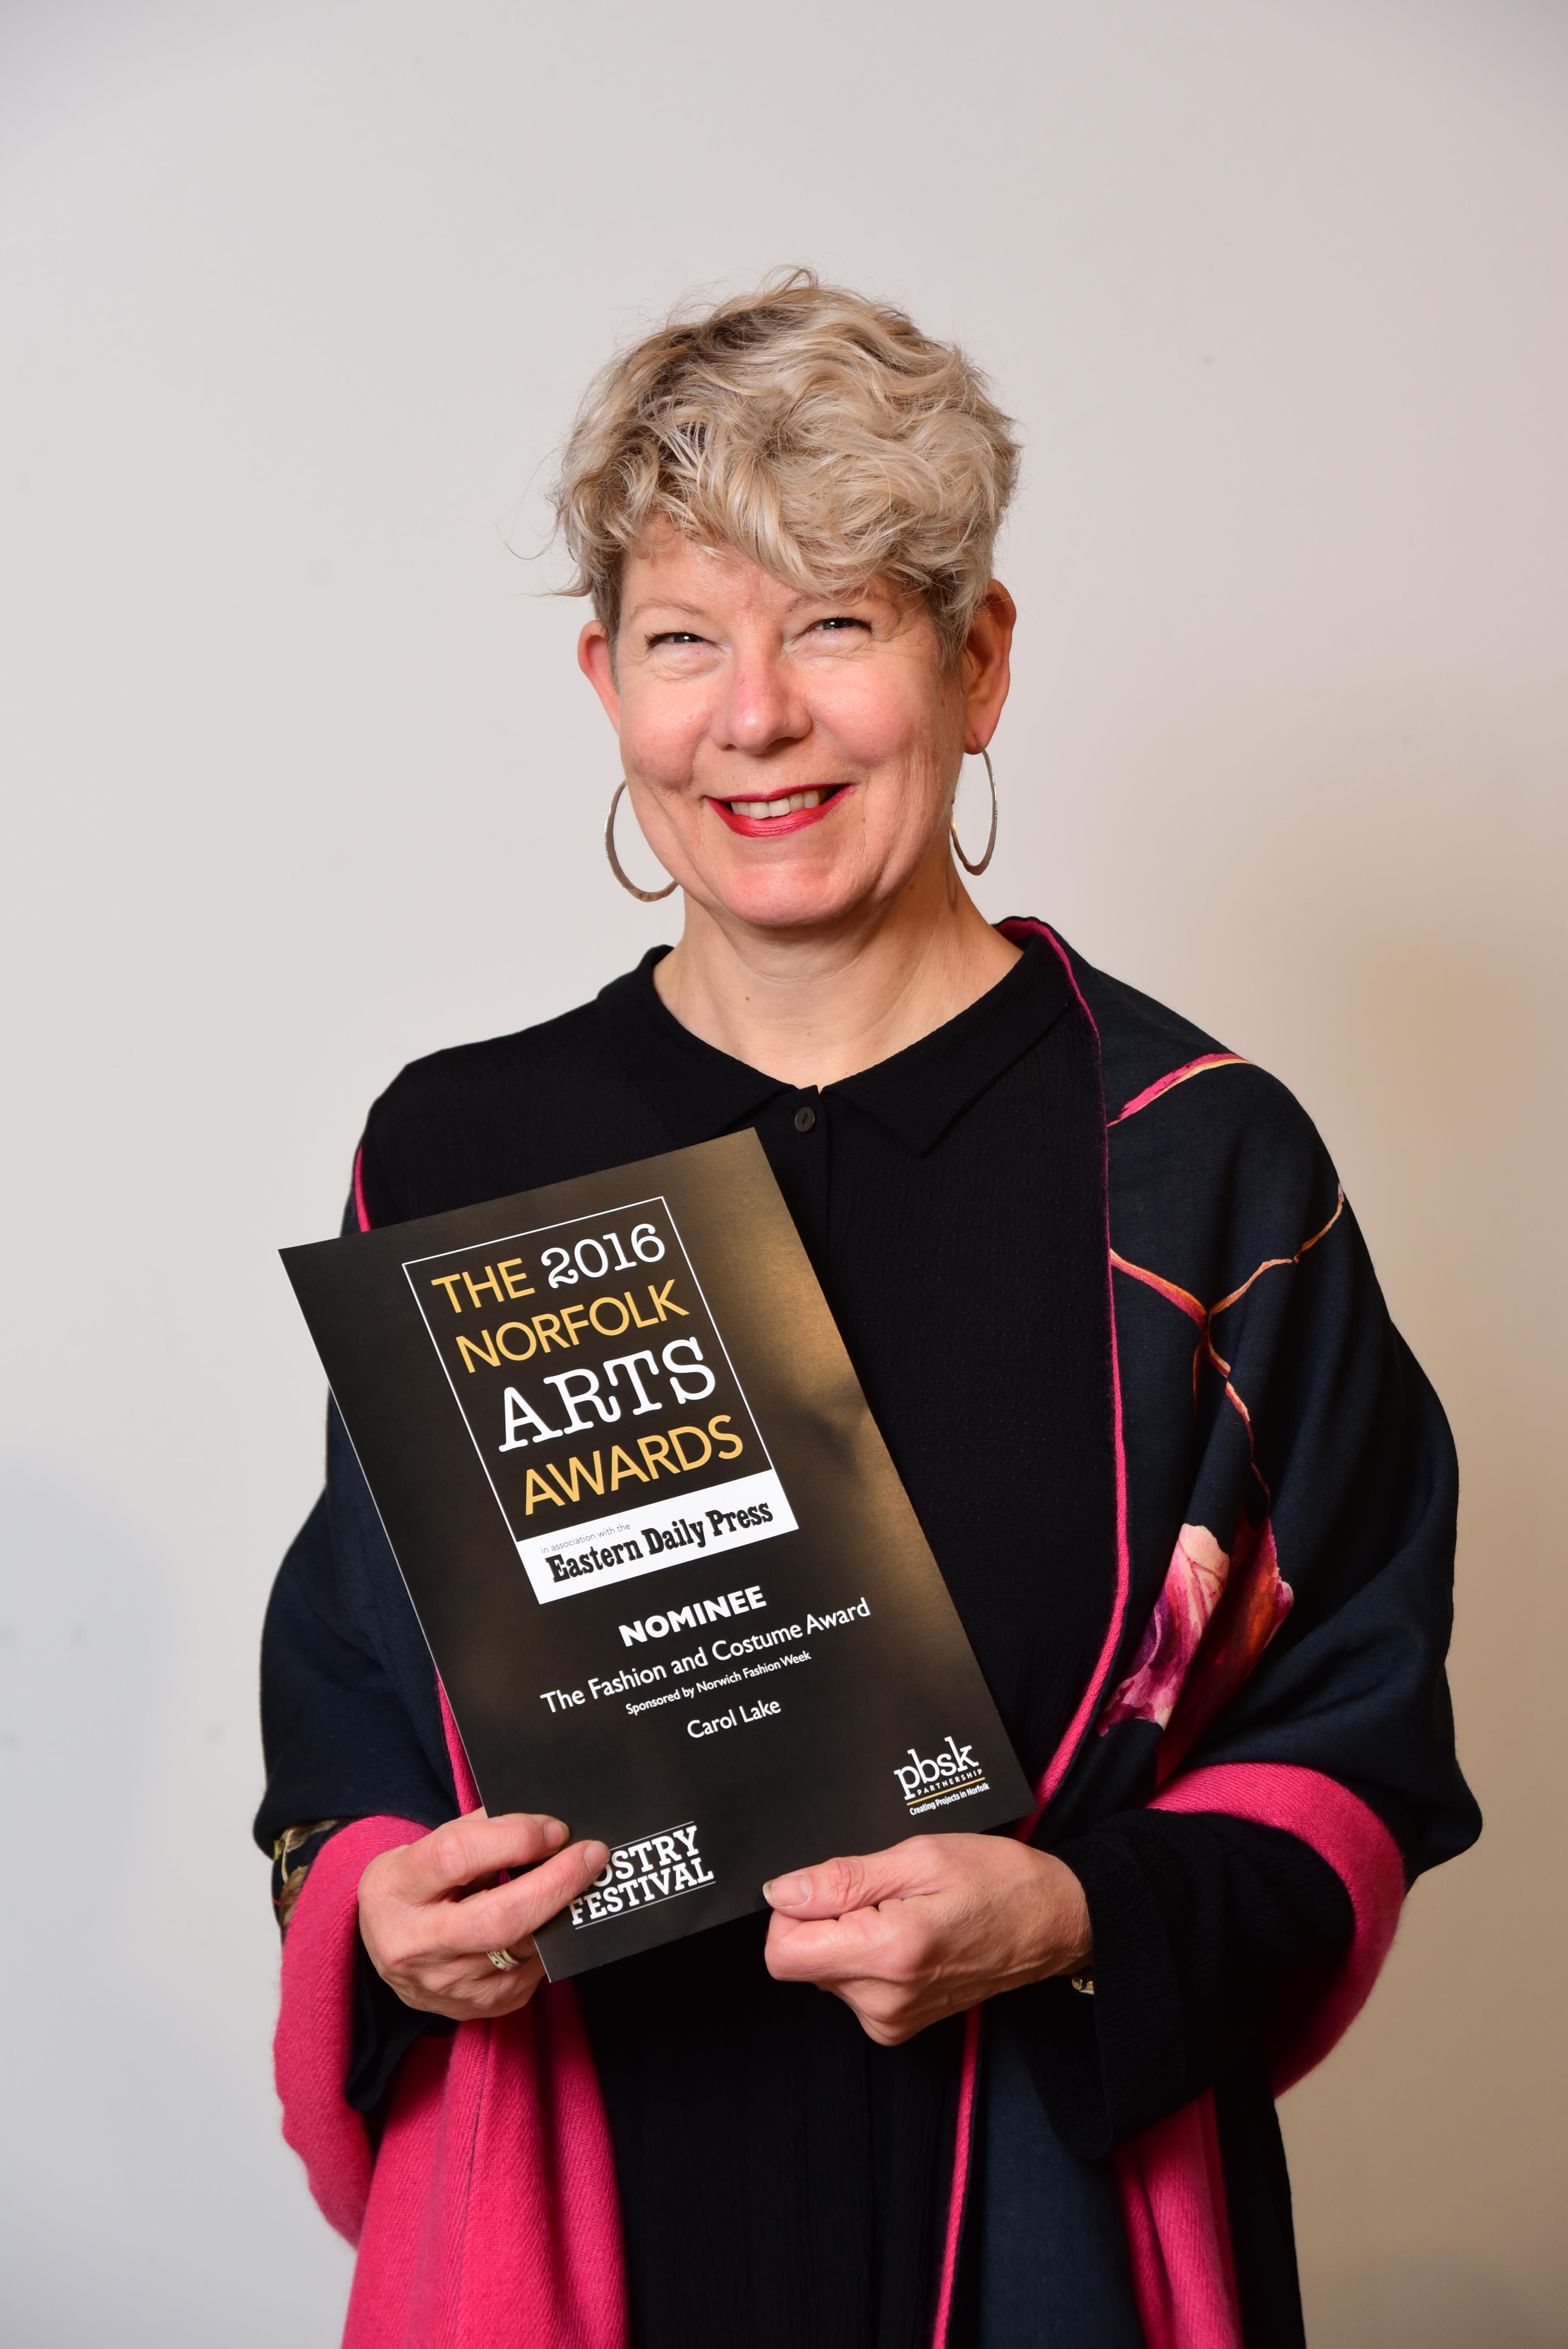 Norfolk Arts Awards 2016